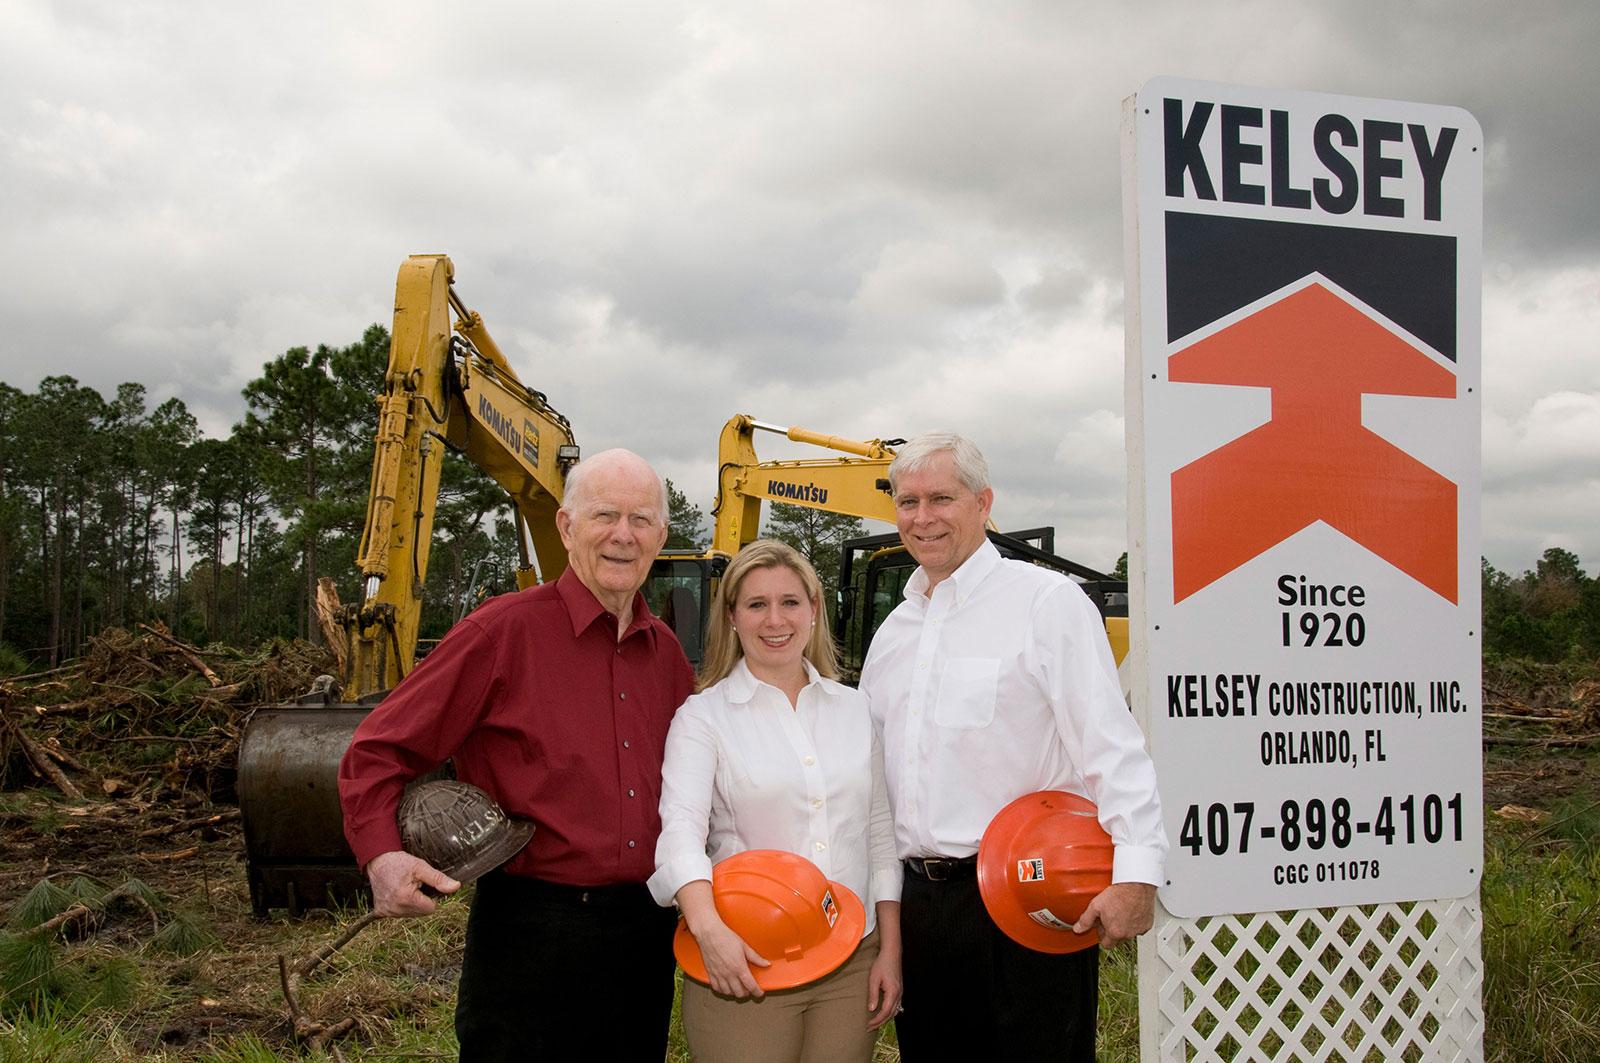 Kelsey Construction - Orlando Construction Company